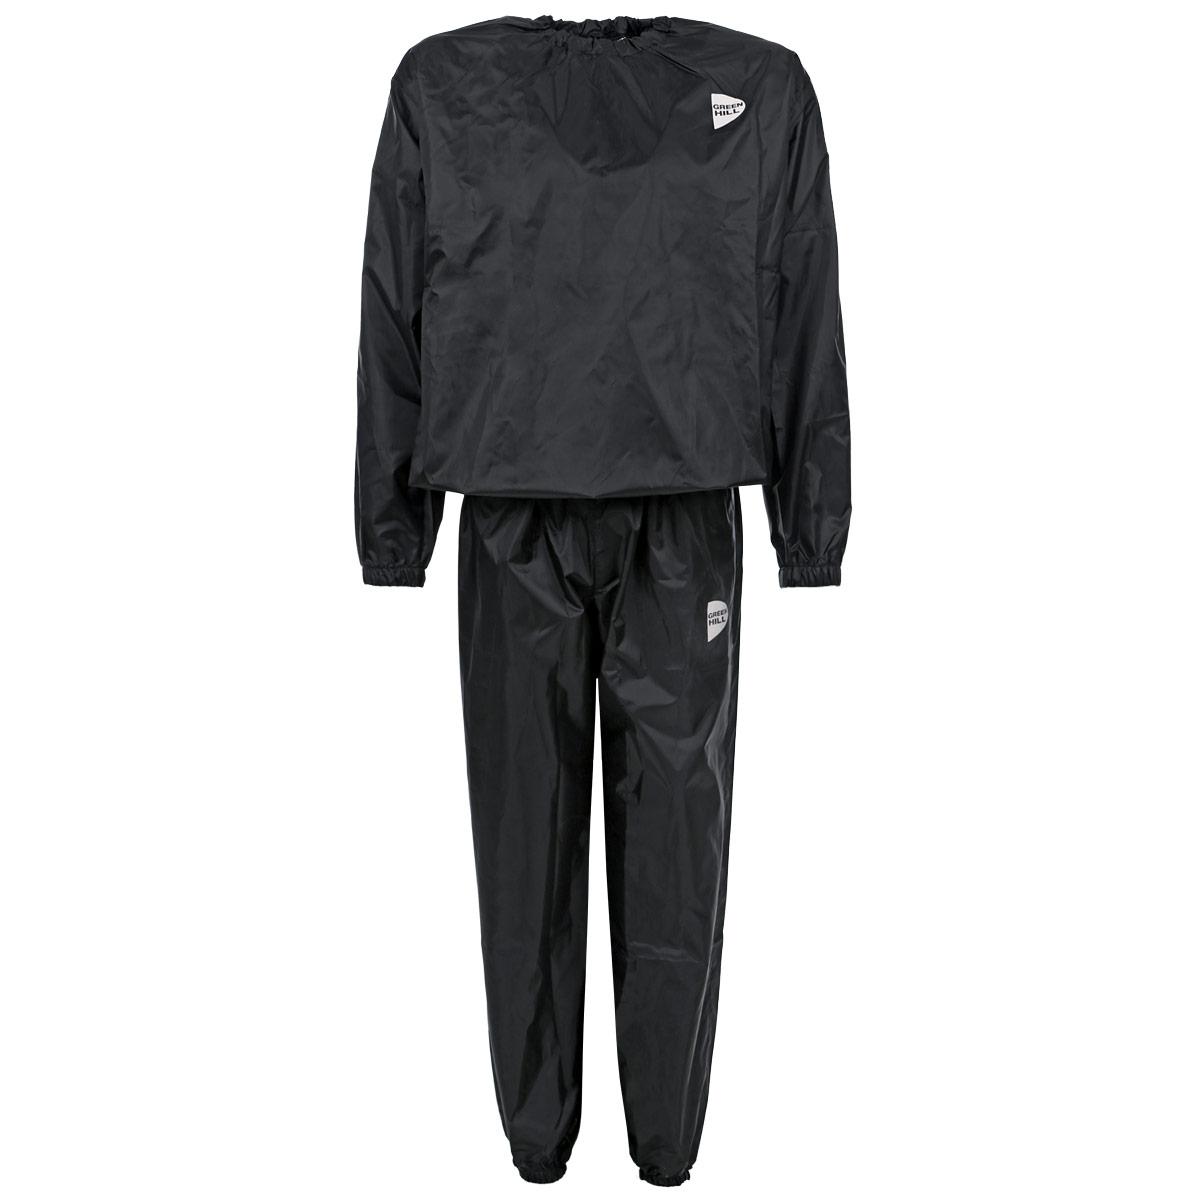 Костюм-сауна Green Hill, цвет: черный. Размер 50SS-3666Костюм-сауна Green Hill предназначен для интенсивного сброса веса во время тренировок. Костюм выполнен из полиэстера черного цвета. Состоит из штанов и куртки с длинным рукавом. Пояс и манжеты куртки и штанов на резинках, что обеспечивает более плотное прилегание к телу.